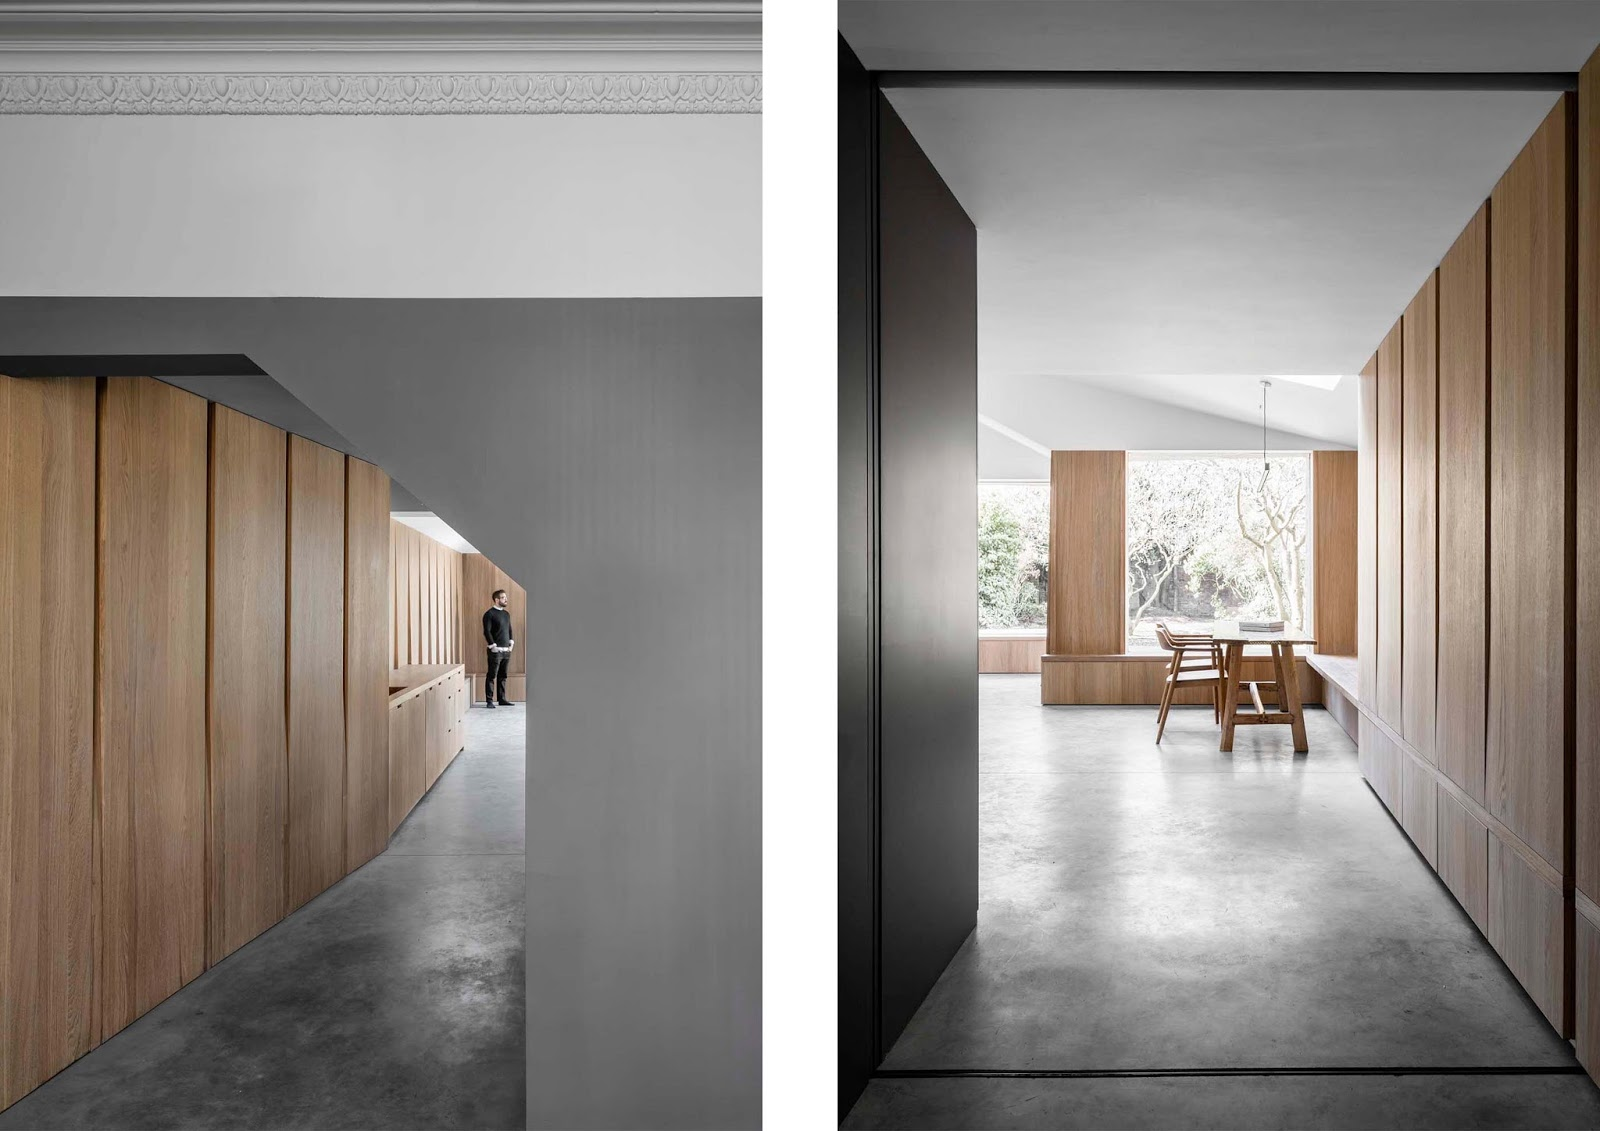 Mattoni a contrasto ed interni in cemento e legno arc for Interni e design